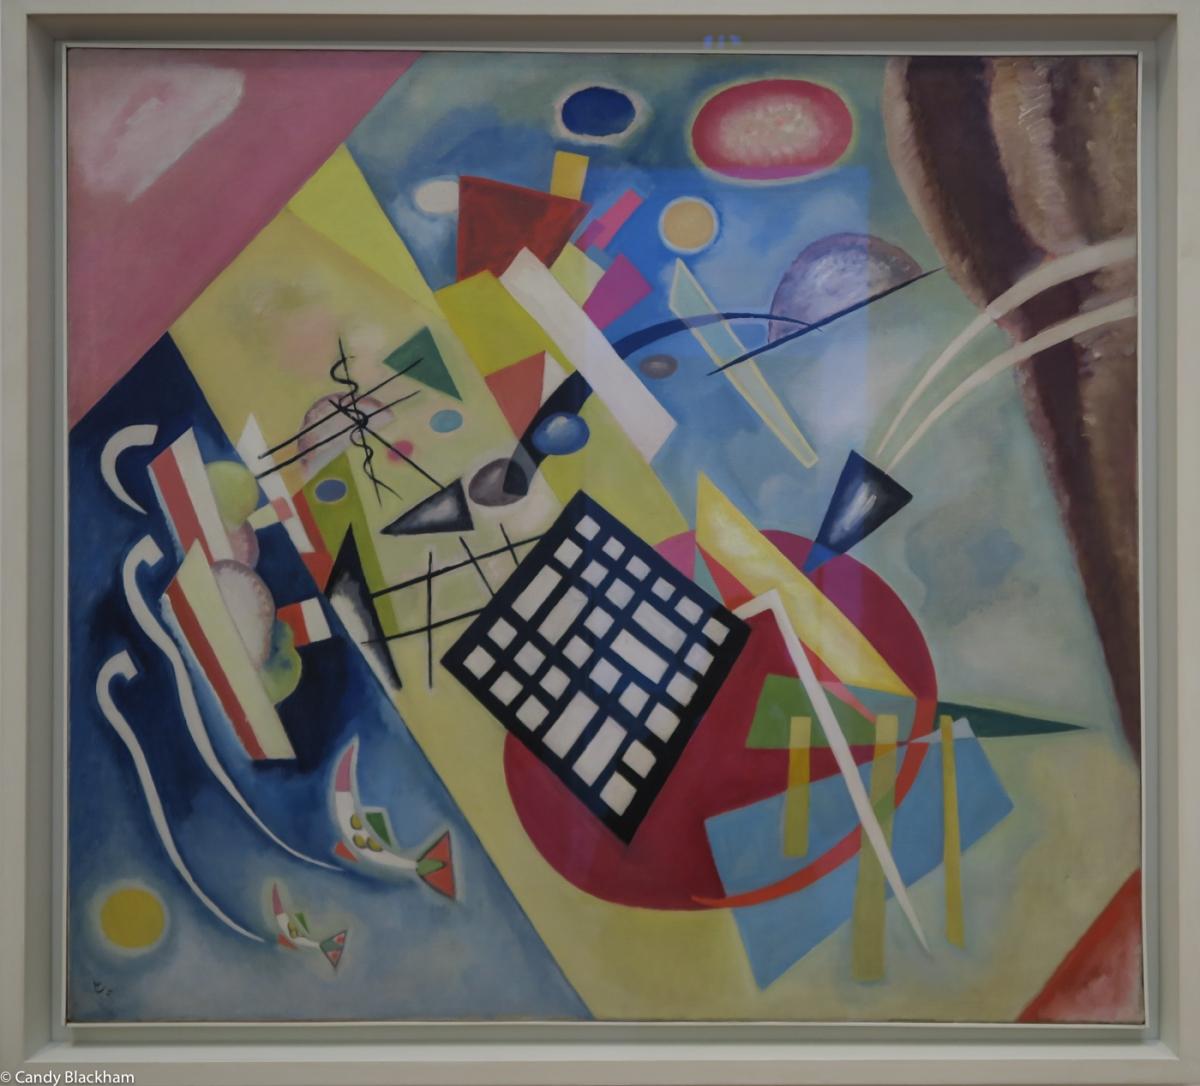 Kandinsky, 'The Black Frame', 1922